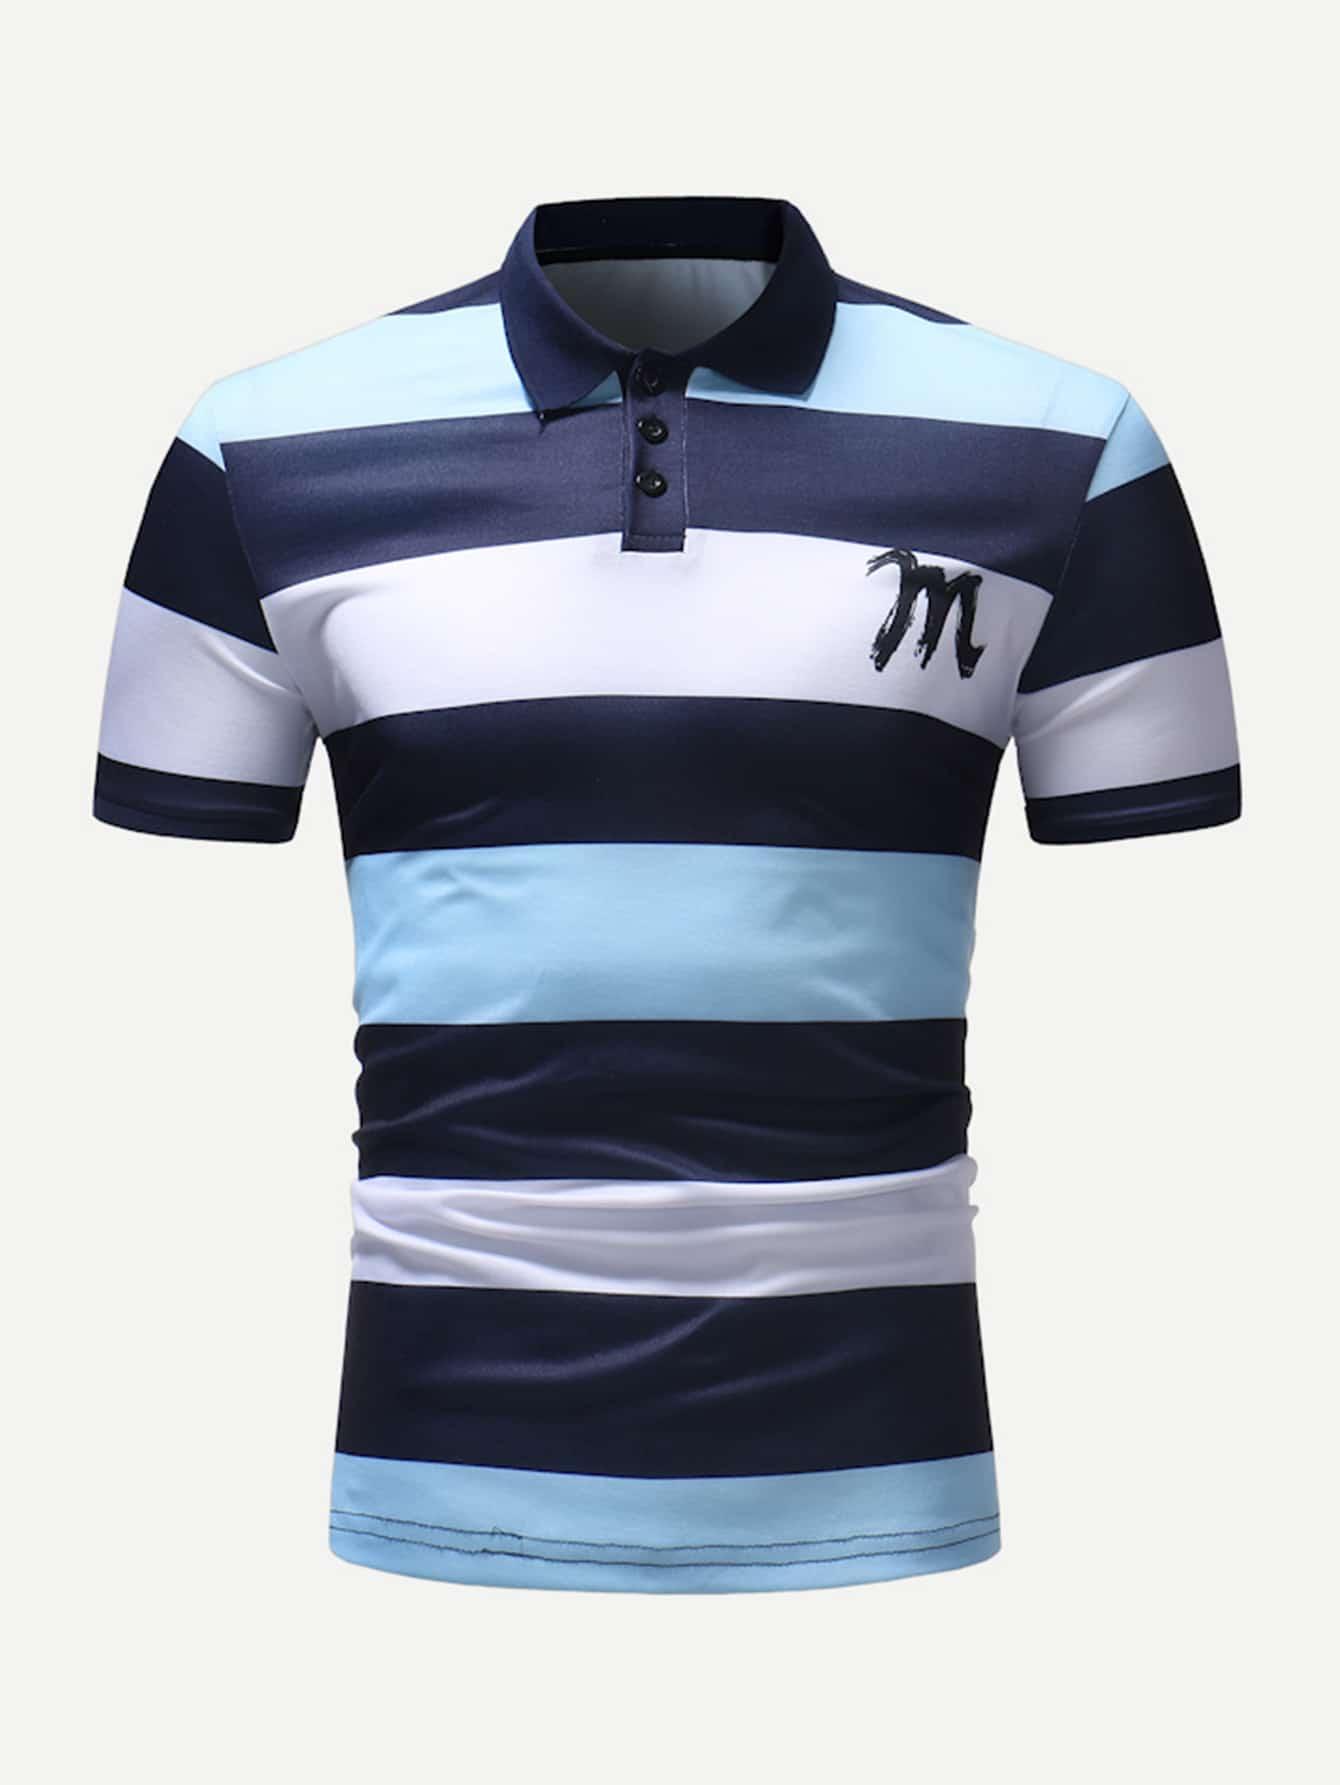 Купить Поло полосатая футболка и с рисунками буквы для мужчины, null, SheIn